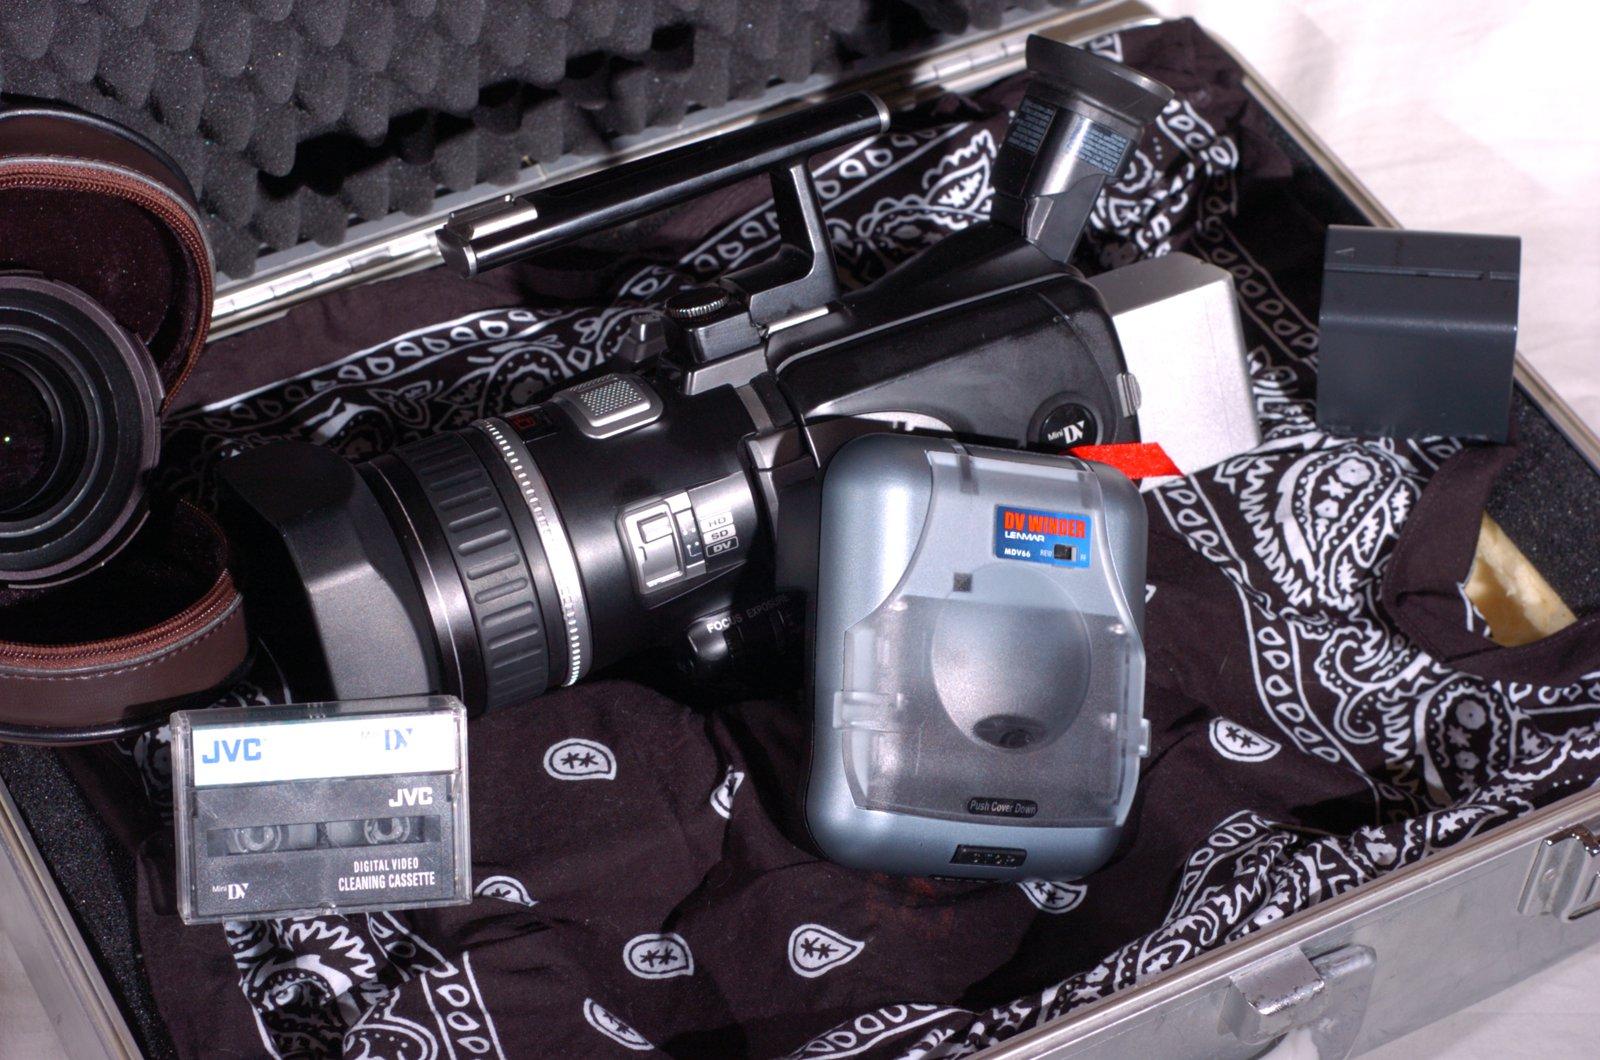 JVC GR-HD1 High Definition Camera 2